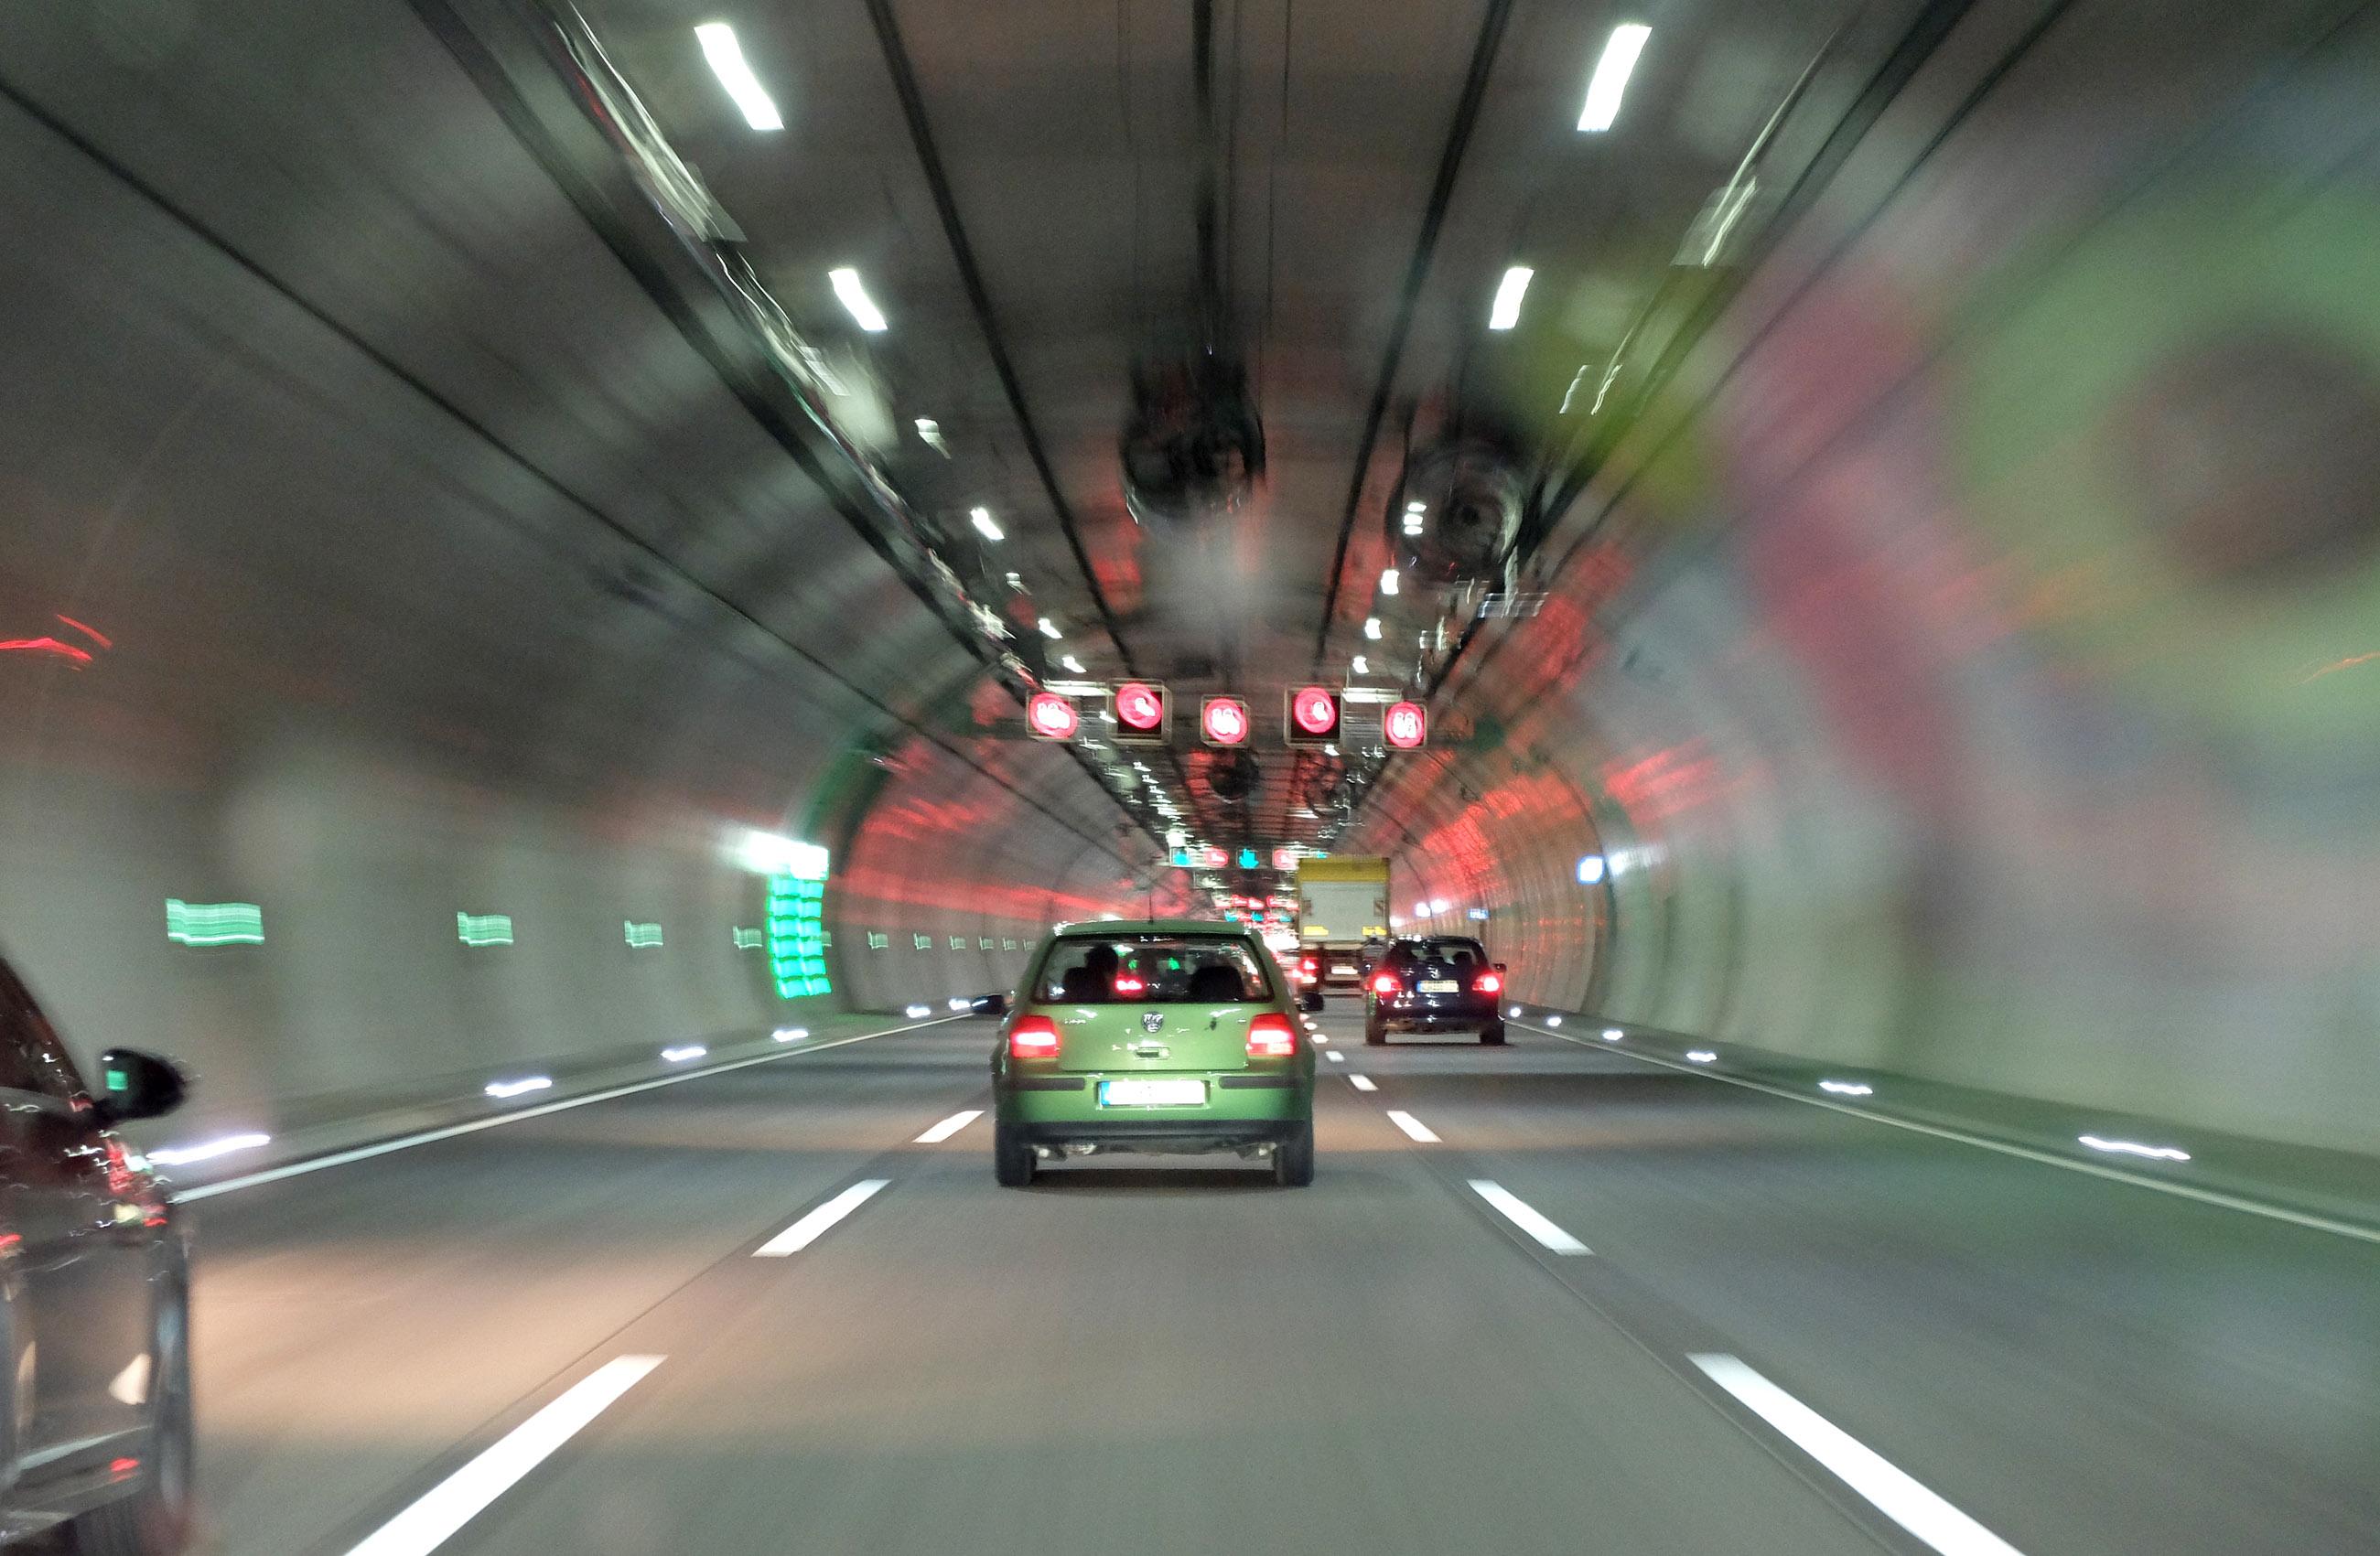 Köprü, araba, yol, tünel